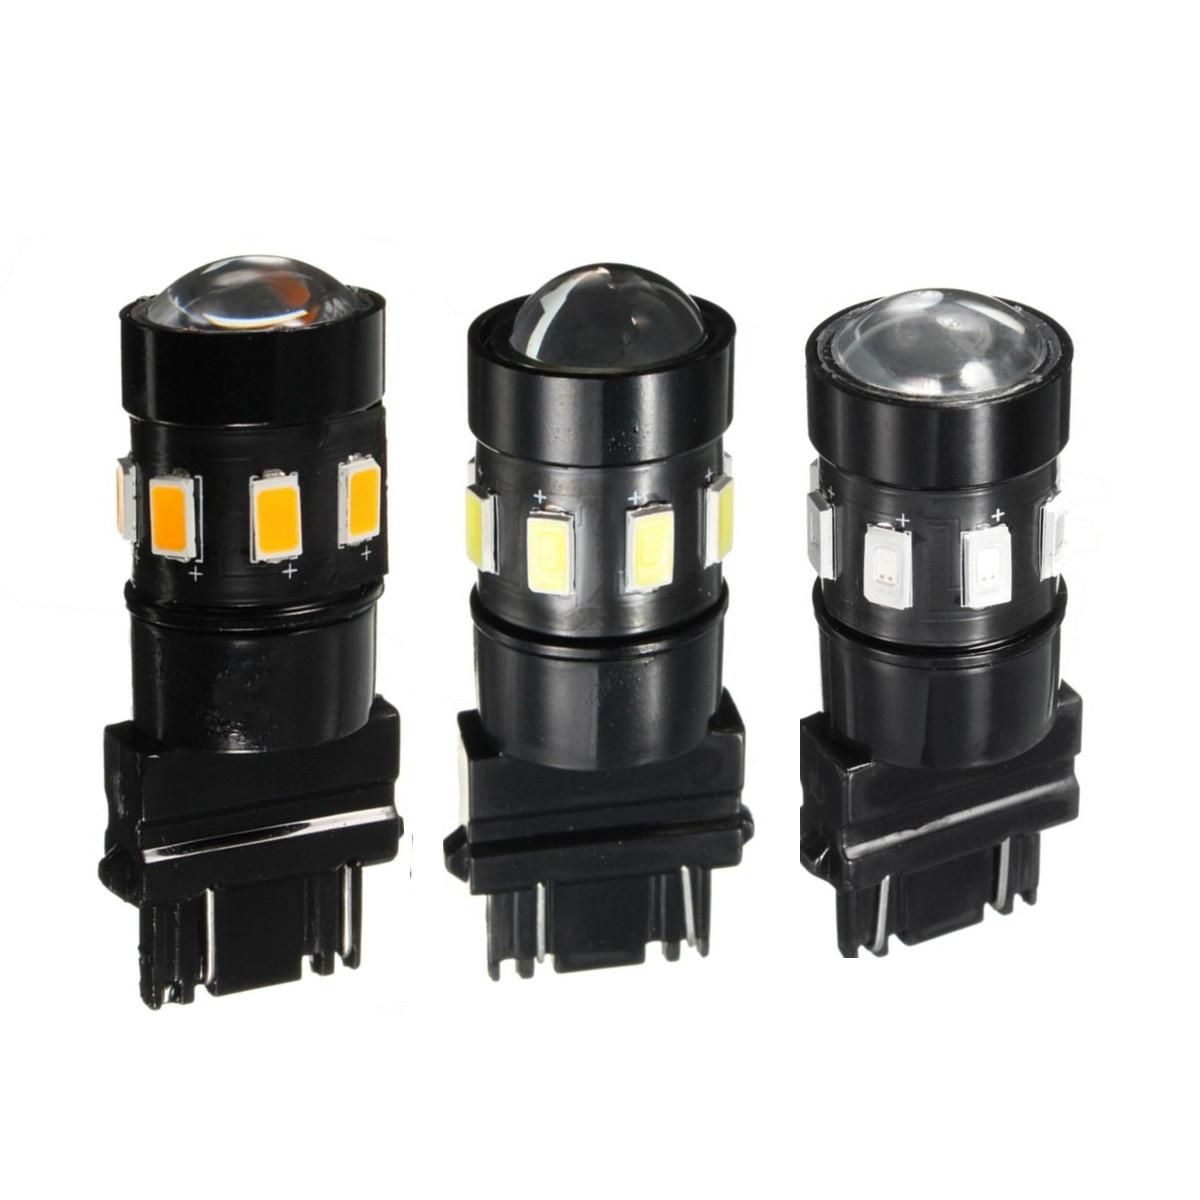 3157 5630 чип 12smd LED янтарь / красный / белый свет сигнала поворота лампы лампы 12В постоянного тока - 1TopShop